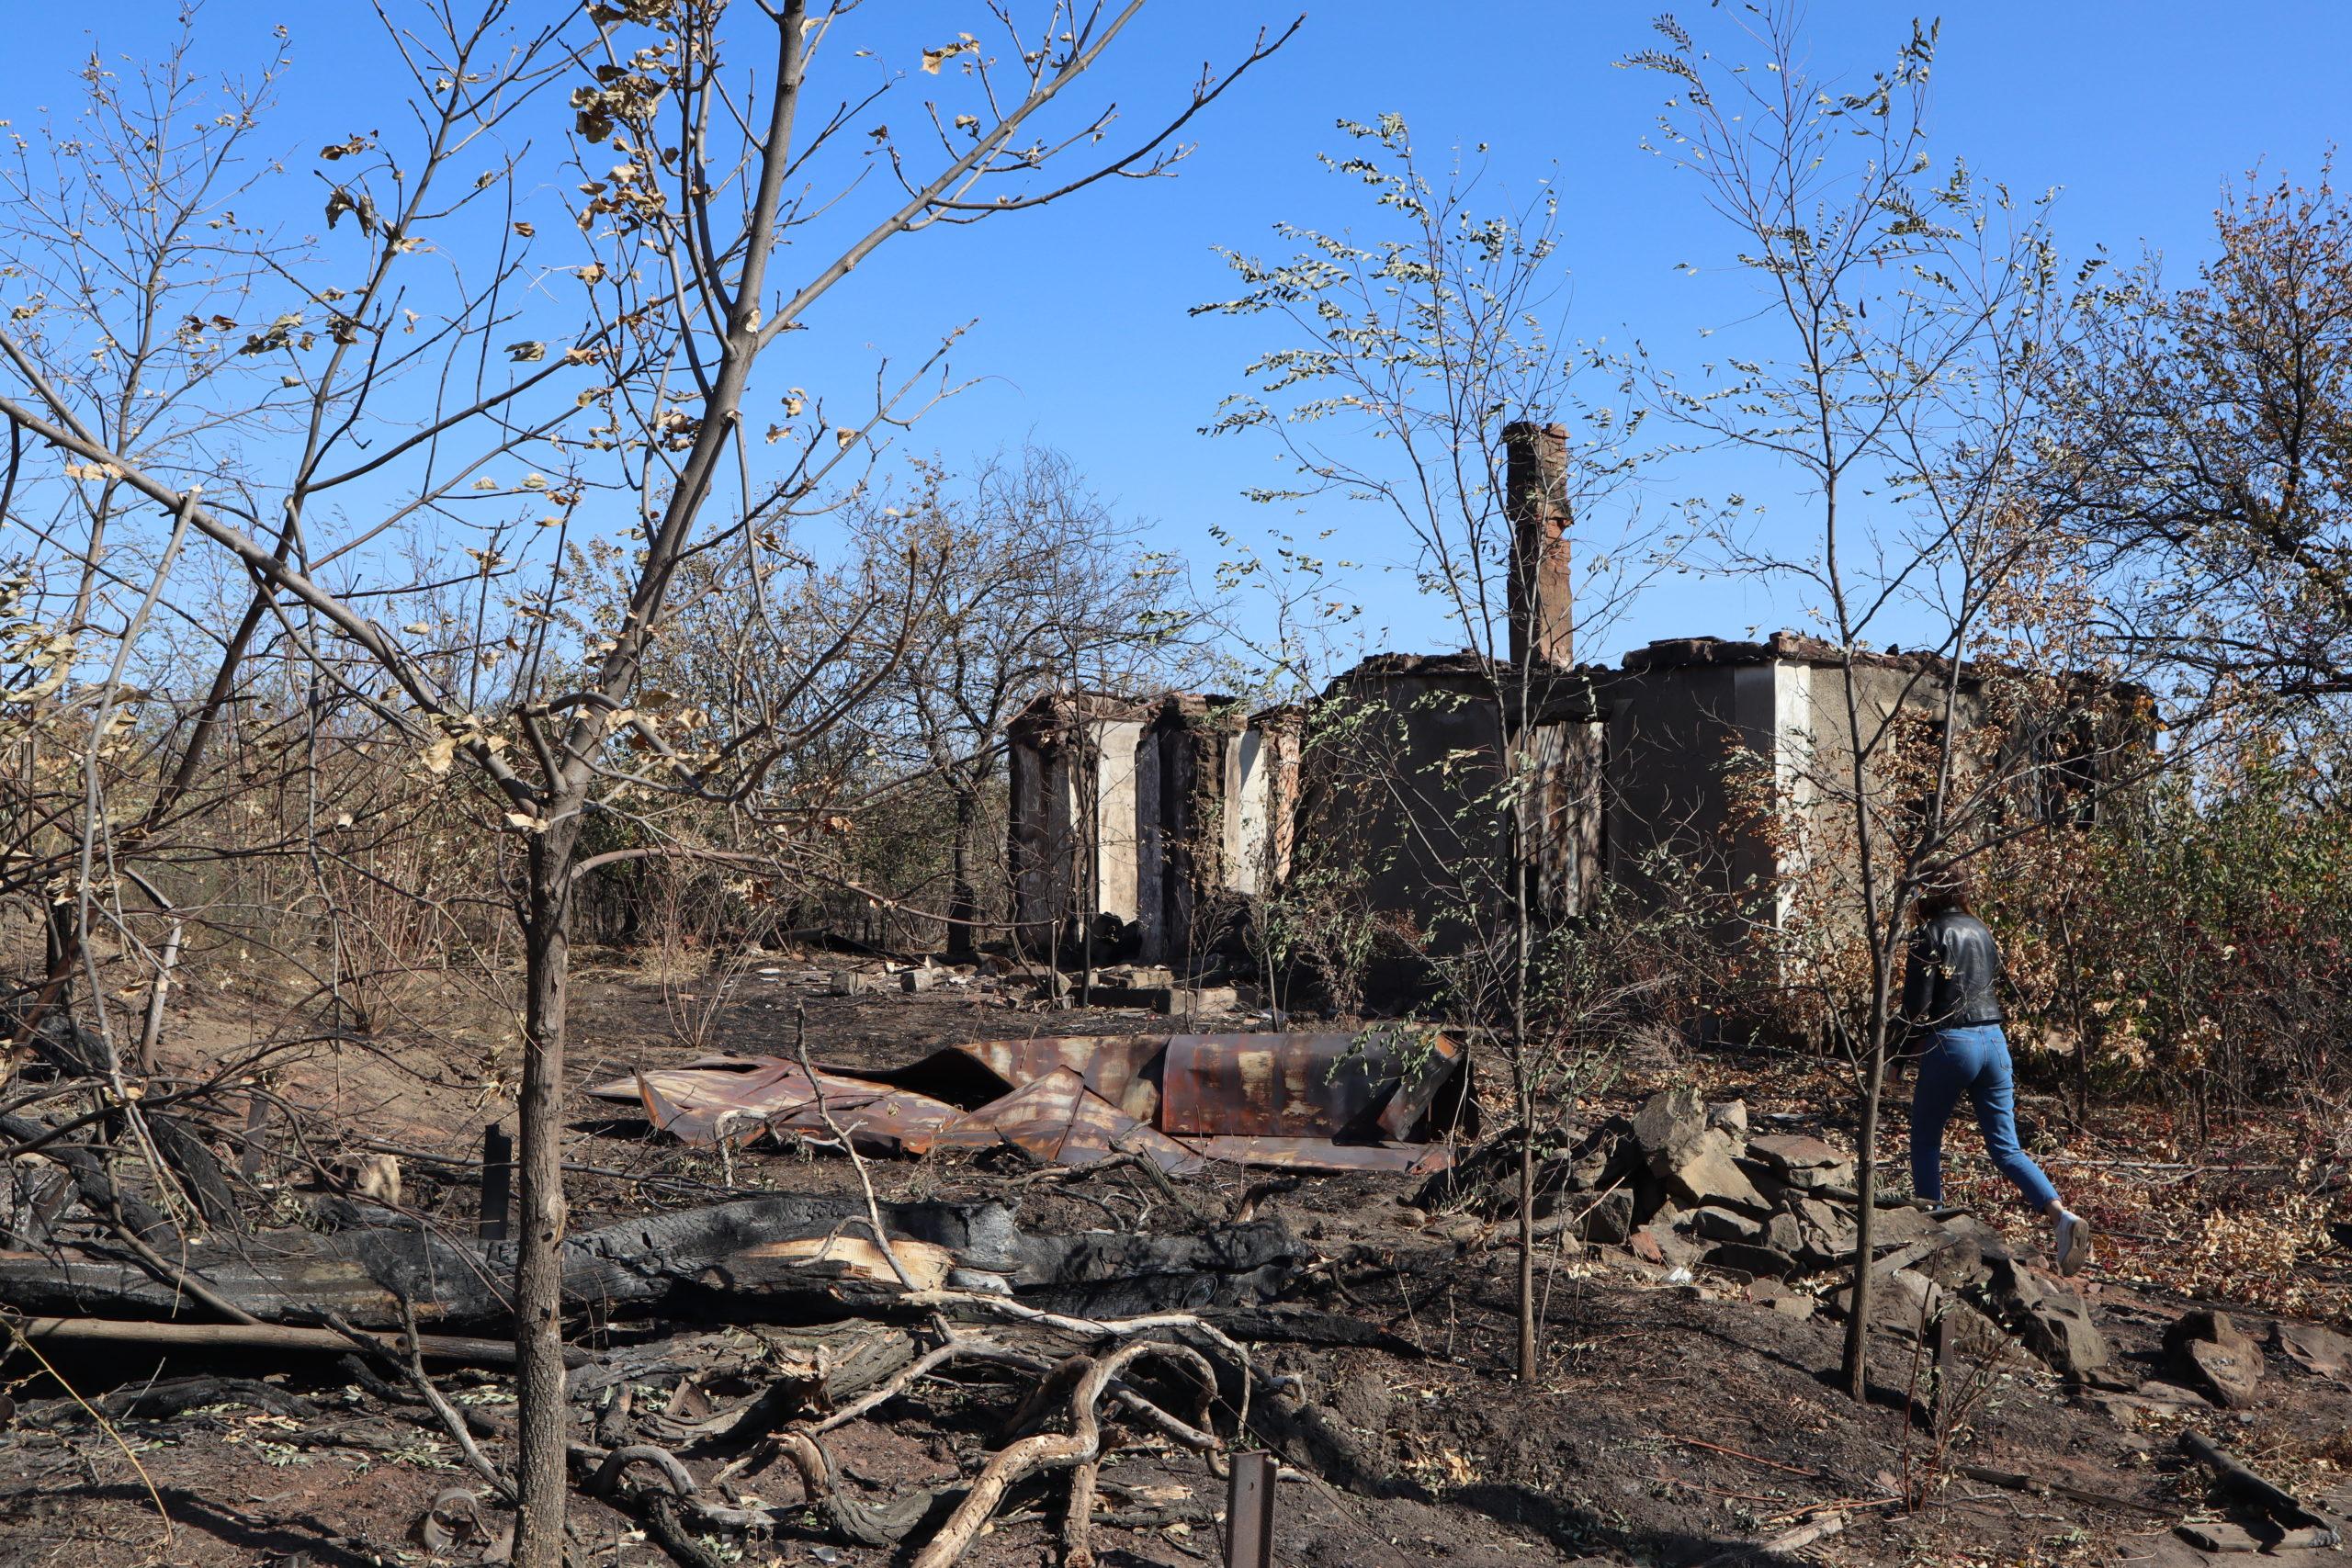 Волонтёры привезли гуманитарную помощь жителям, пострадавшим от пожара в посёлке Энгельсово 5